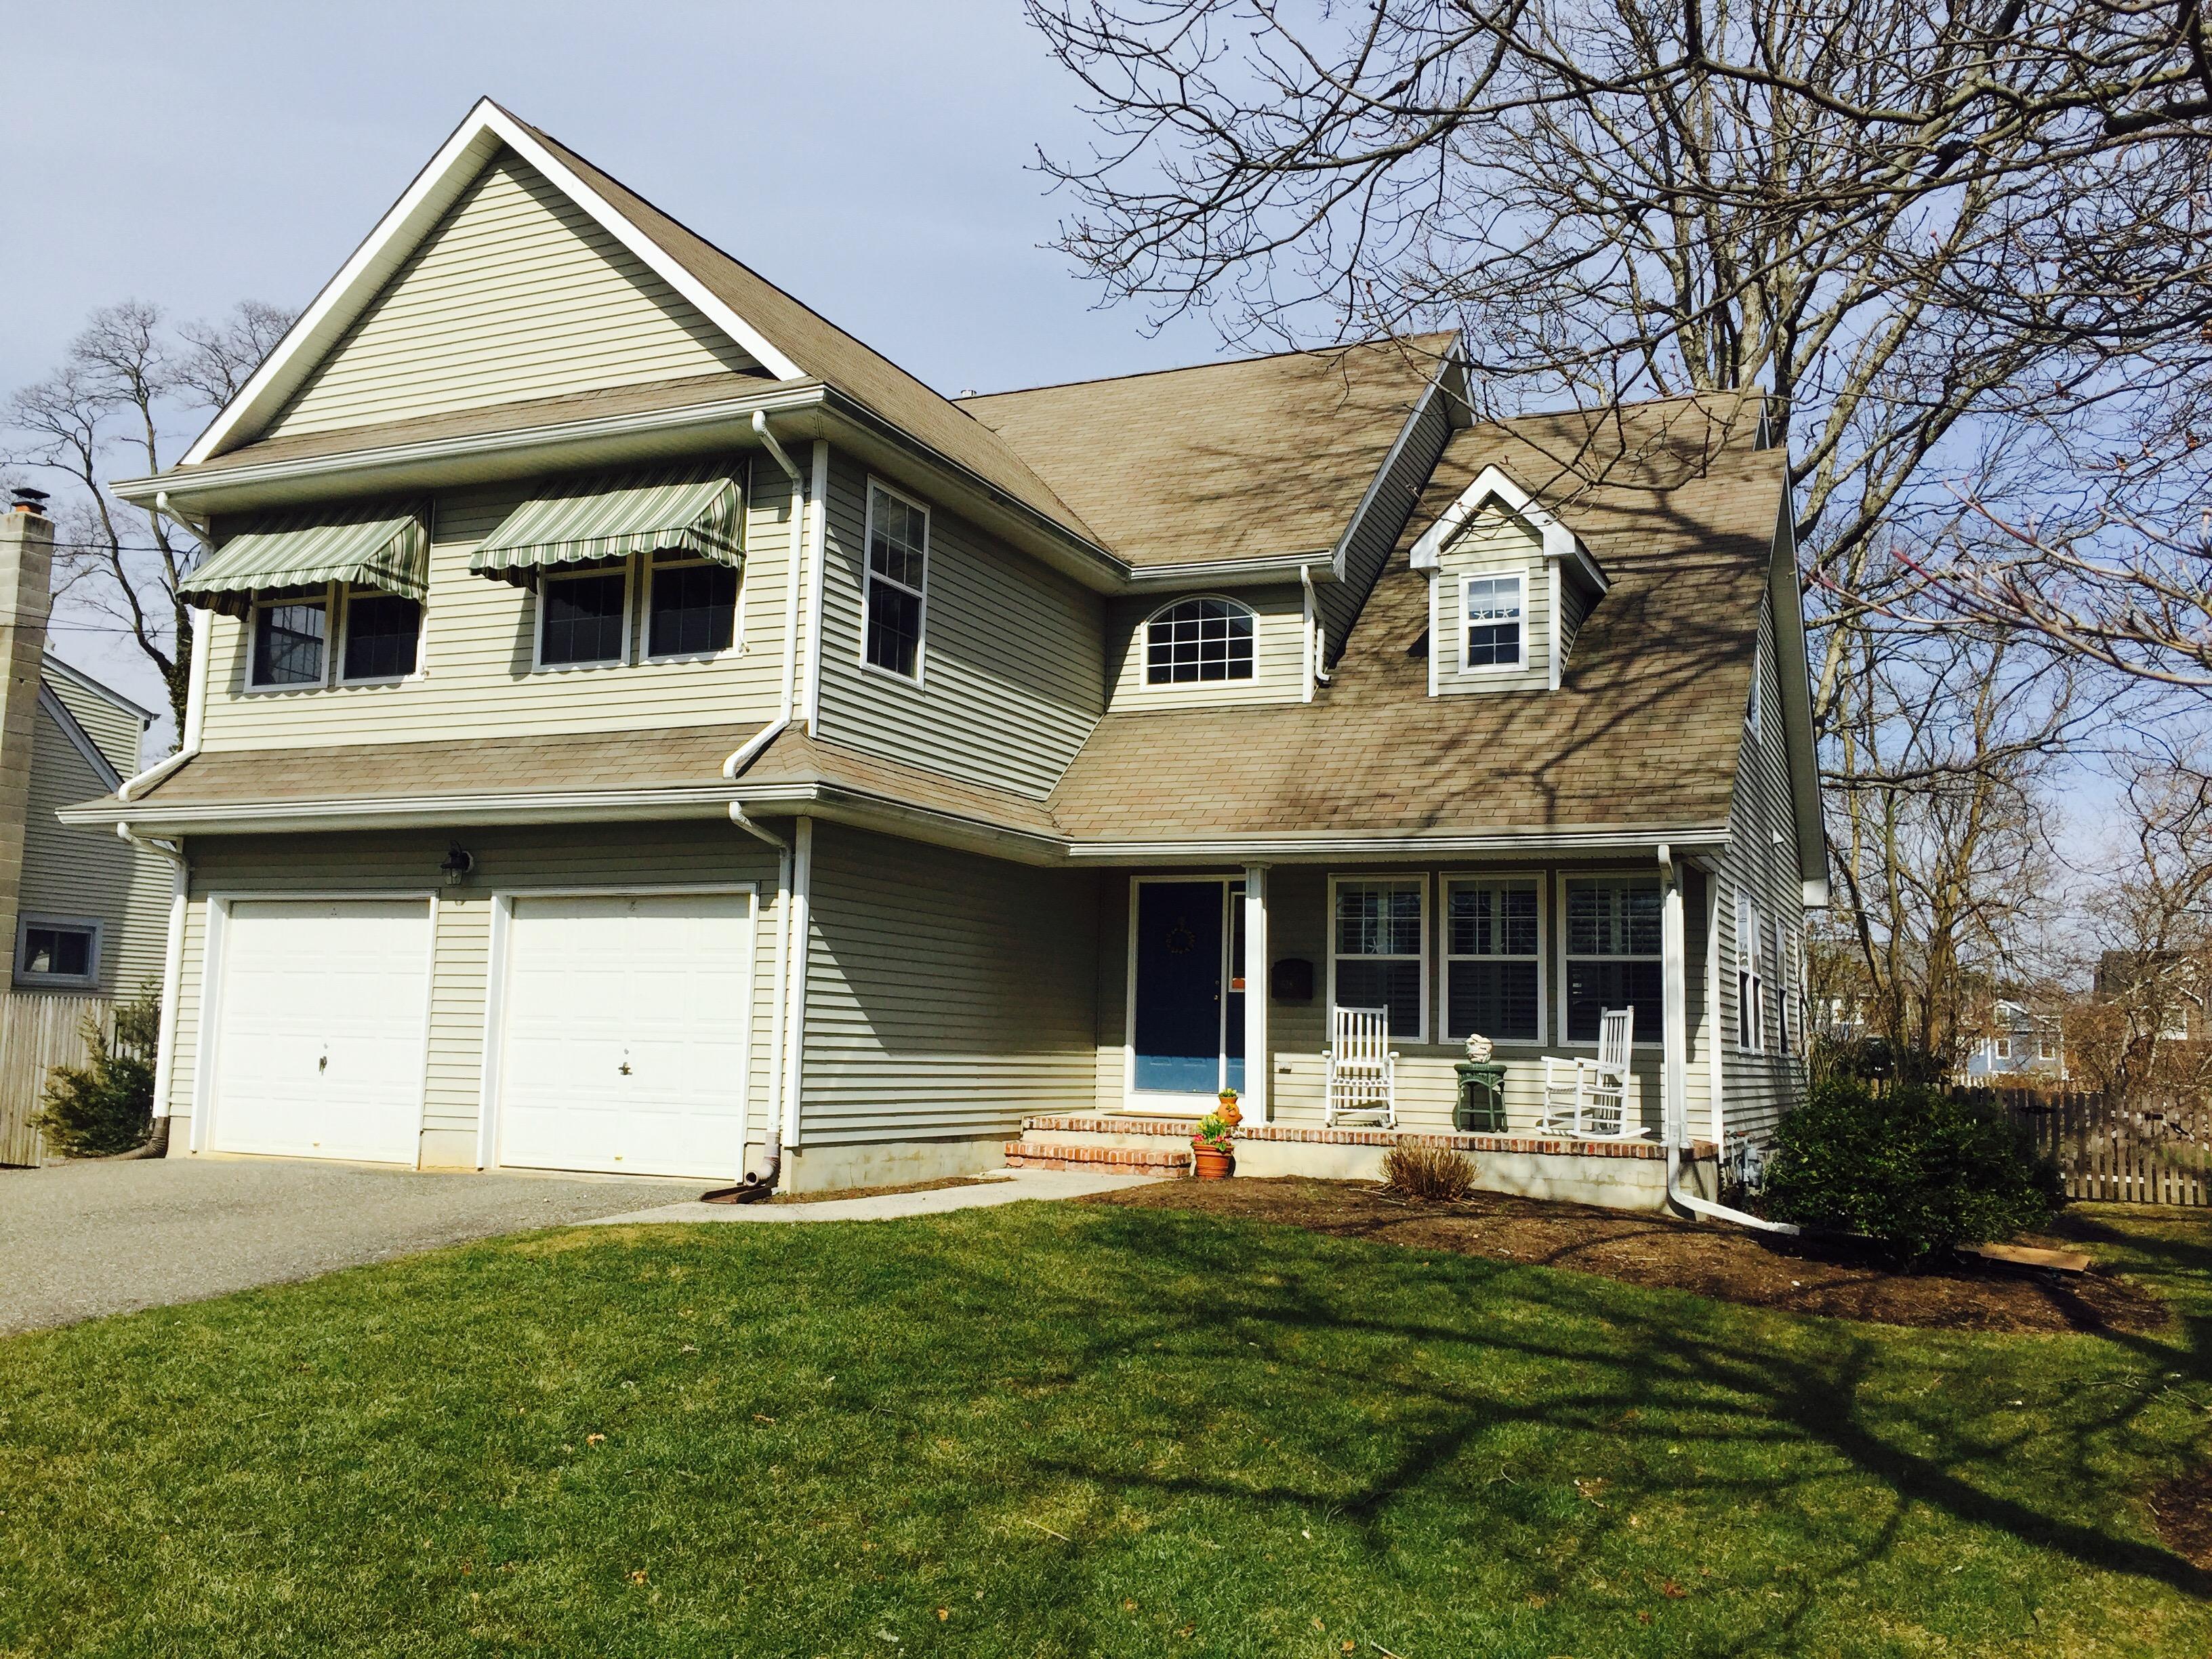 Частный односемейный дом для того Продажа на Wonderful Open Floor Plan! 628 Woodland Avenue Brielle, Нью-Джерси, 08730 Соединенные Штаты